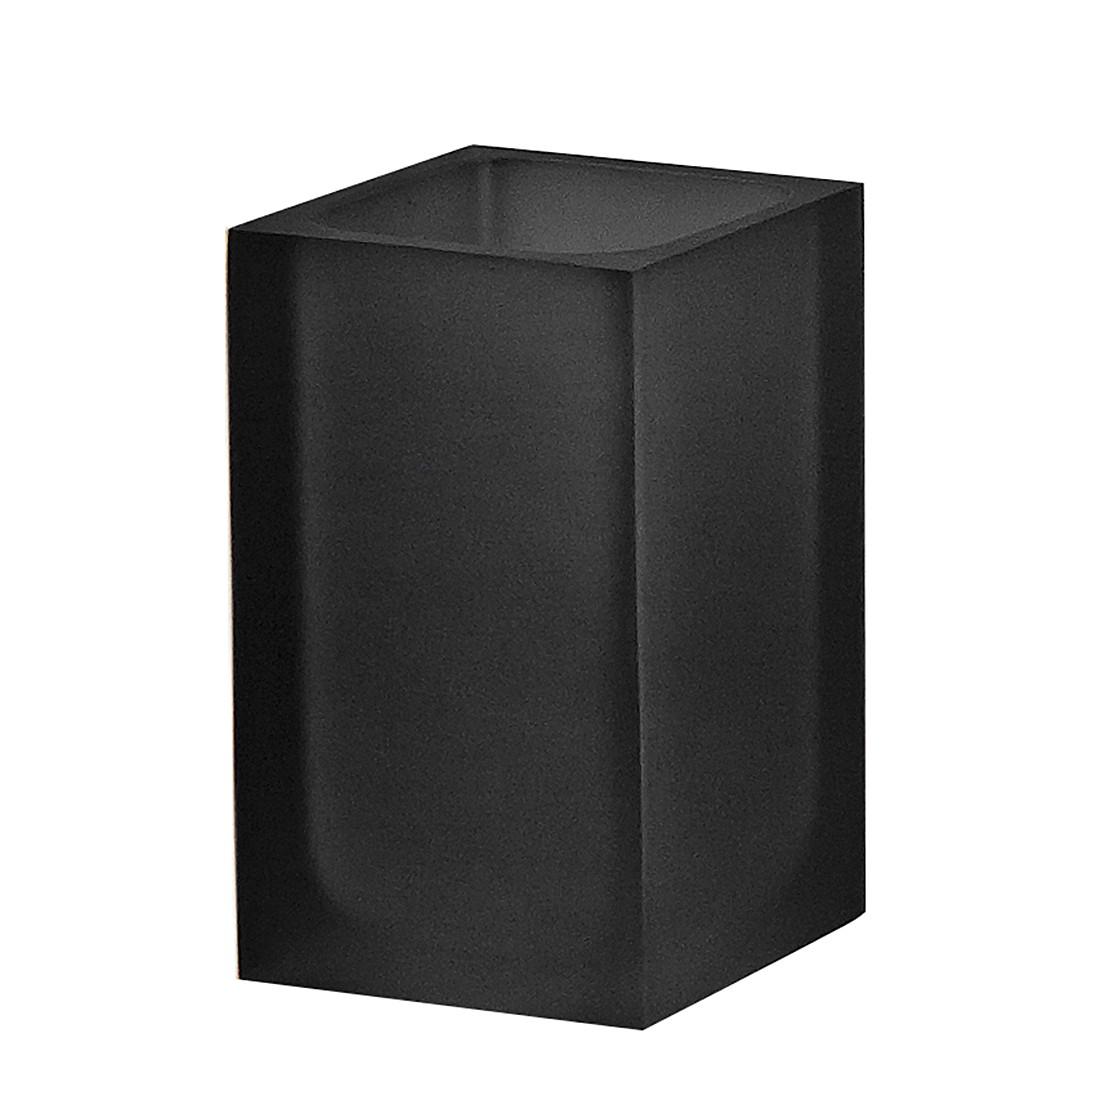 Becher Cube – Schwarz, Nicol-Wohnausstattungen bestellen